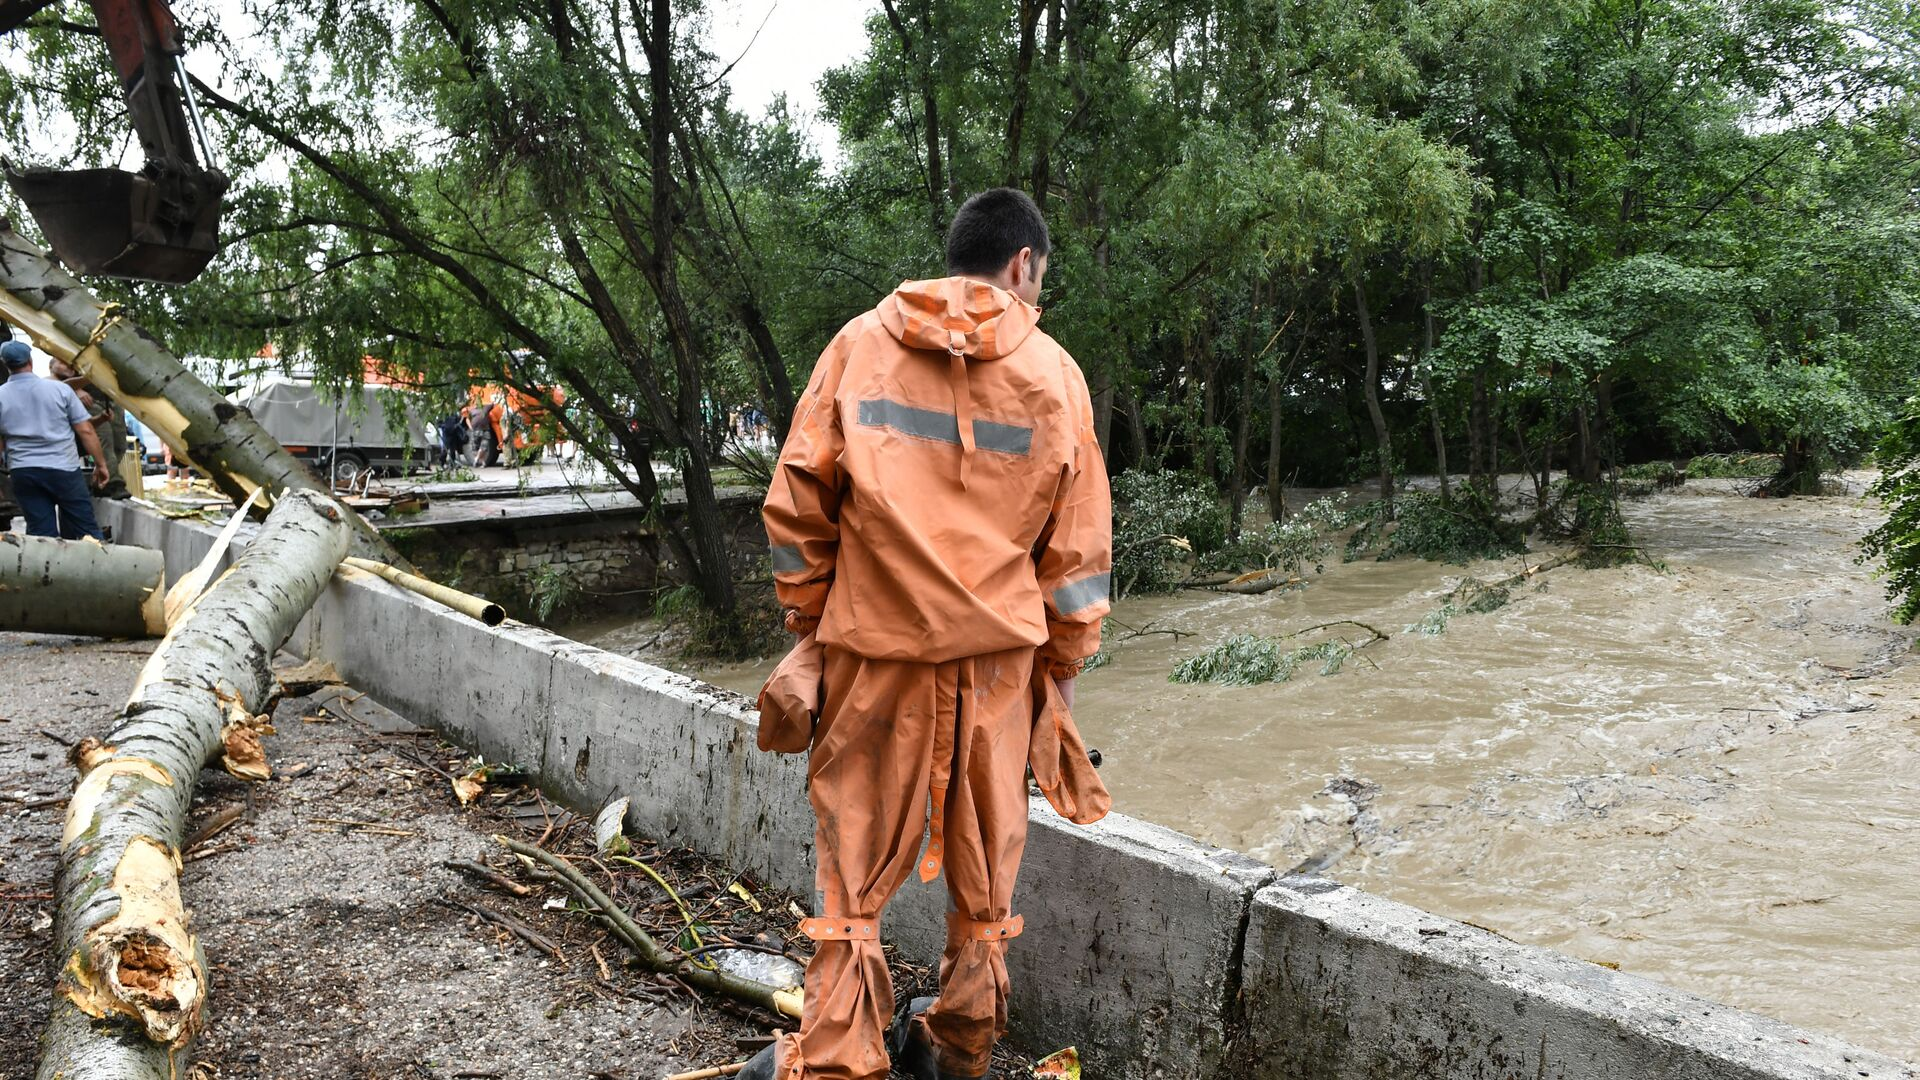 Сотрудник МЧС России во время уборки мусора и поваленных деревьев после сильных дождей и селей в Бахчисарайском районе - РИА Новости, 1920, 21.07.2021